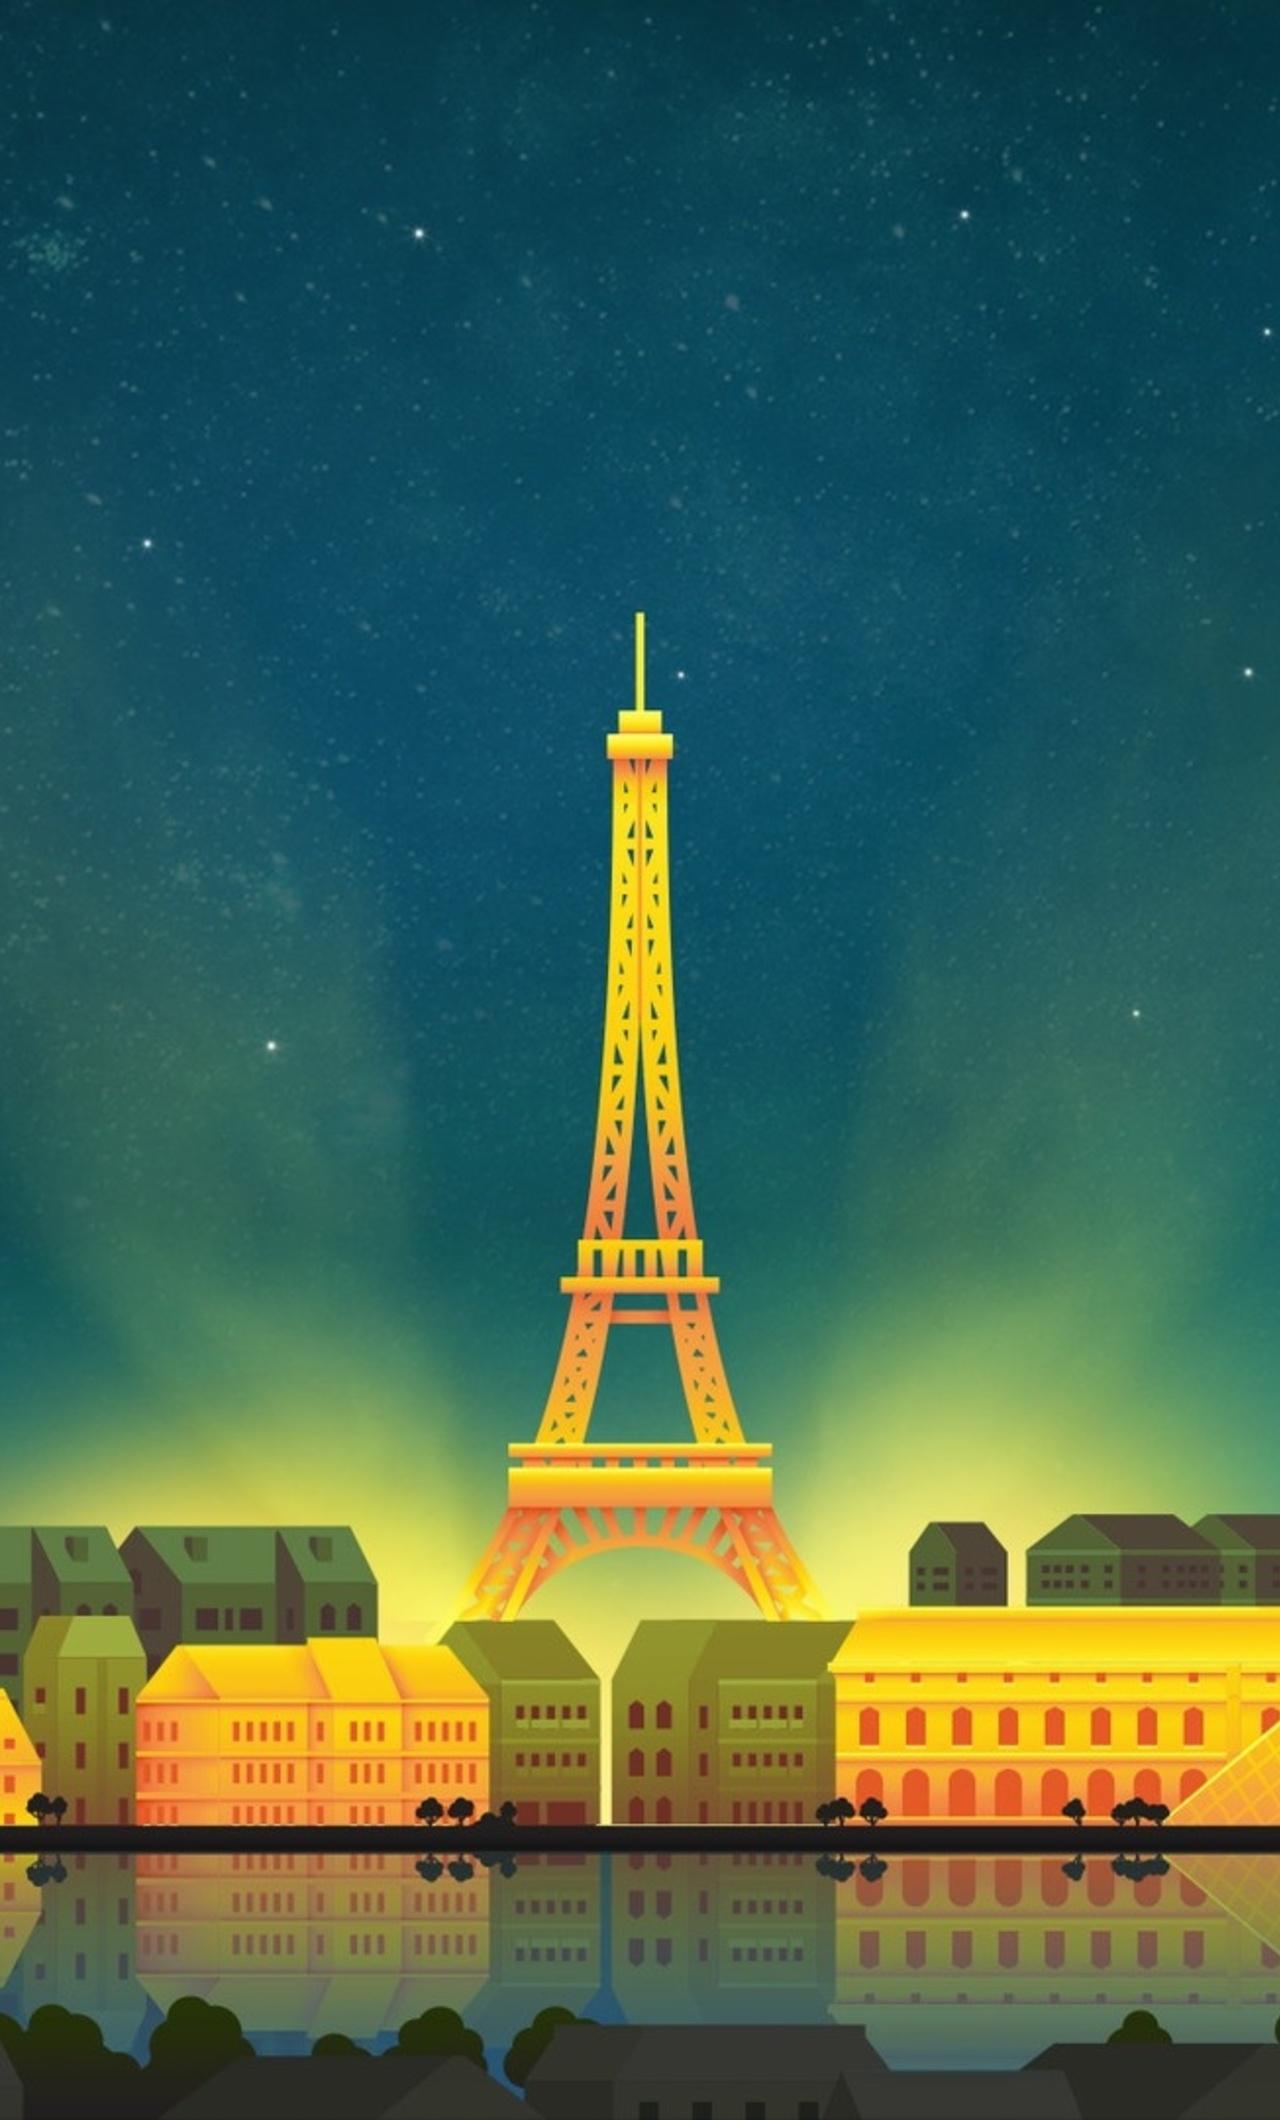 1280x2120 Paris Eiffel Tower Minimalist Iphone 6 Hd 4k Wallpapers